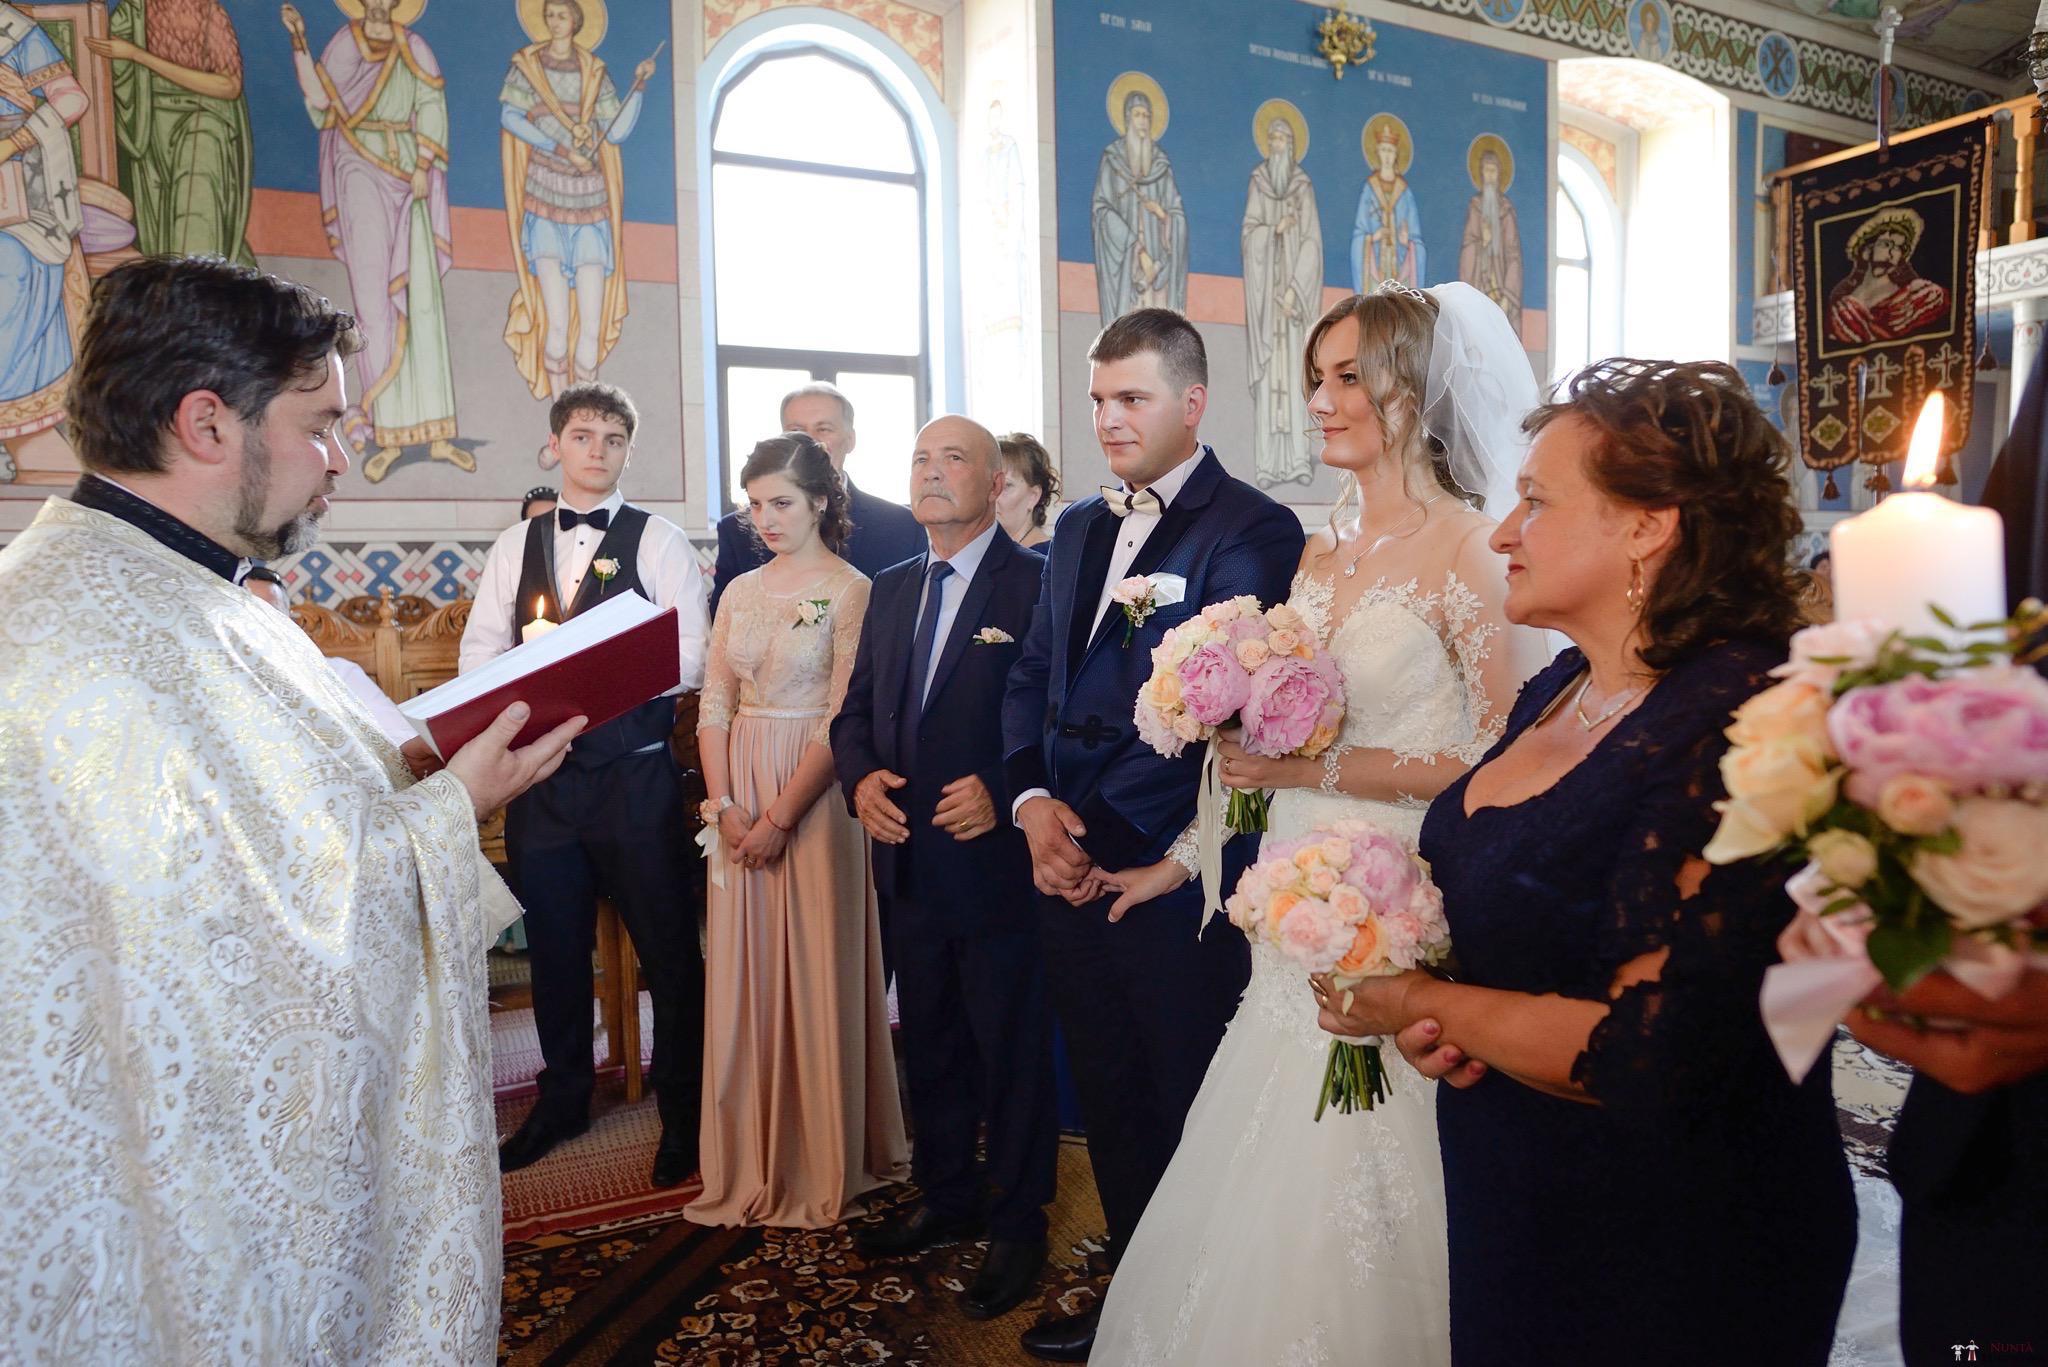 Povești Nunți Tradiționale - Constantin și Simona-Marilena. Nuntă tradițională în Căpâlna, Alba 41